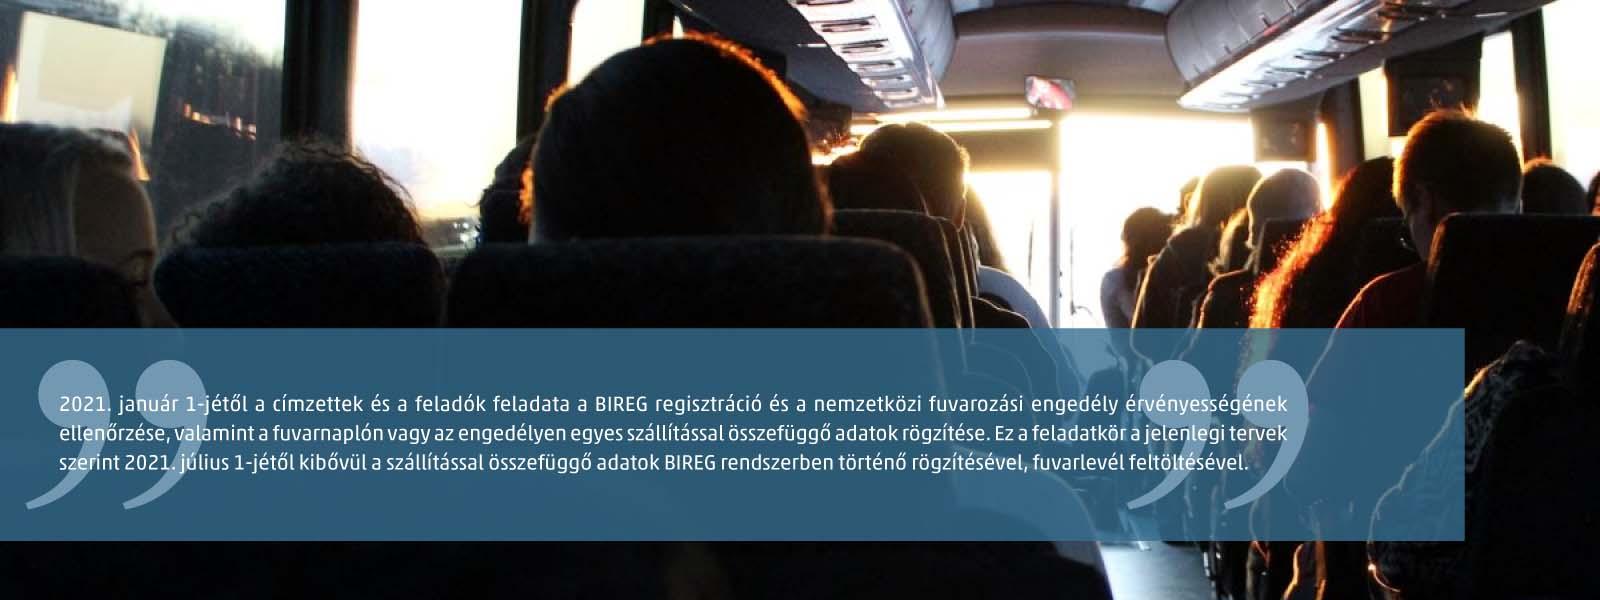 Január 1-jétől BIREG rendszer az EKÁER mellett?